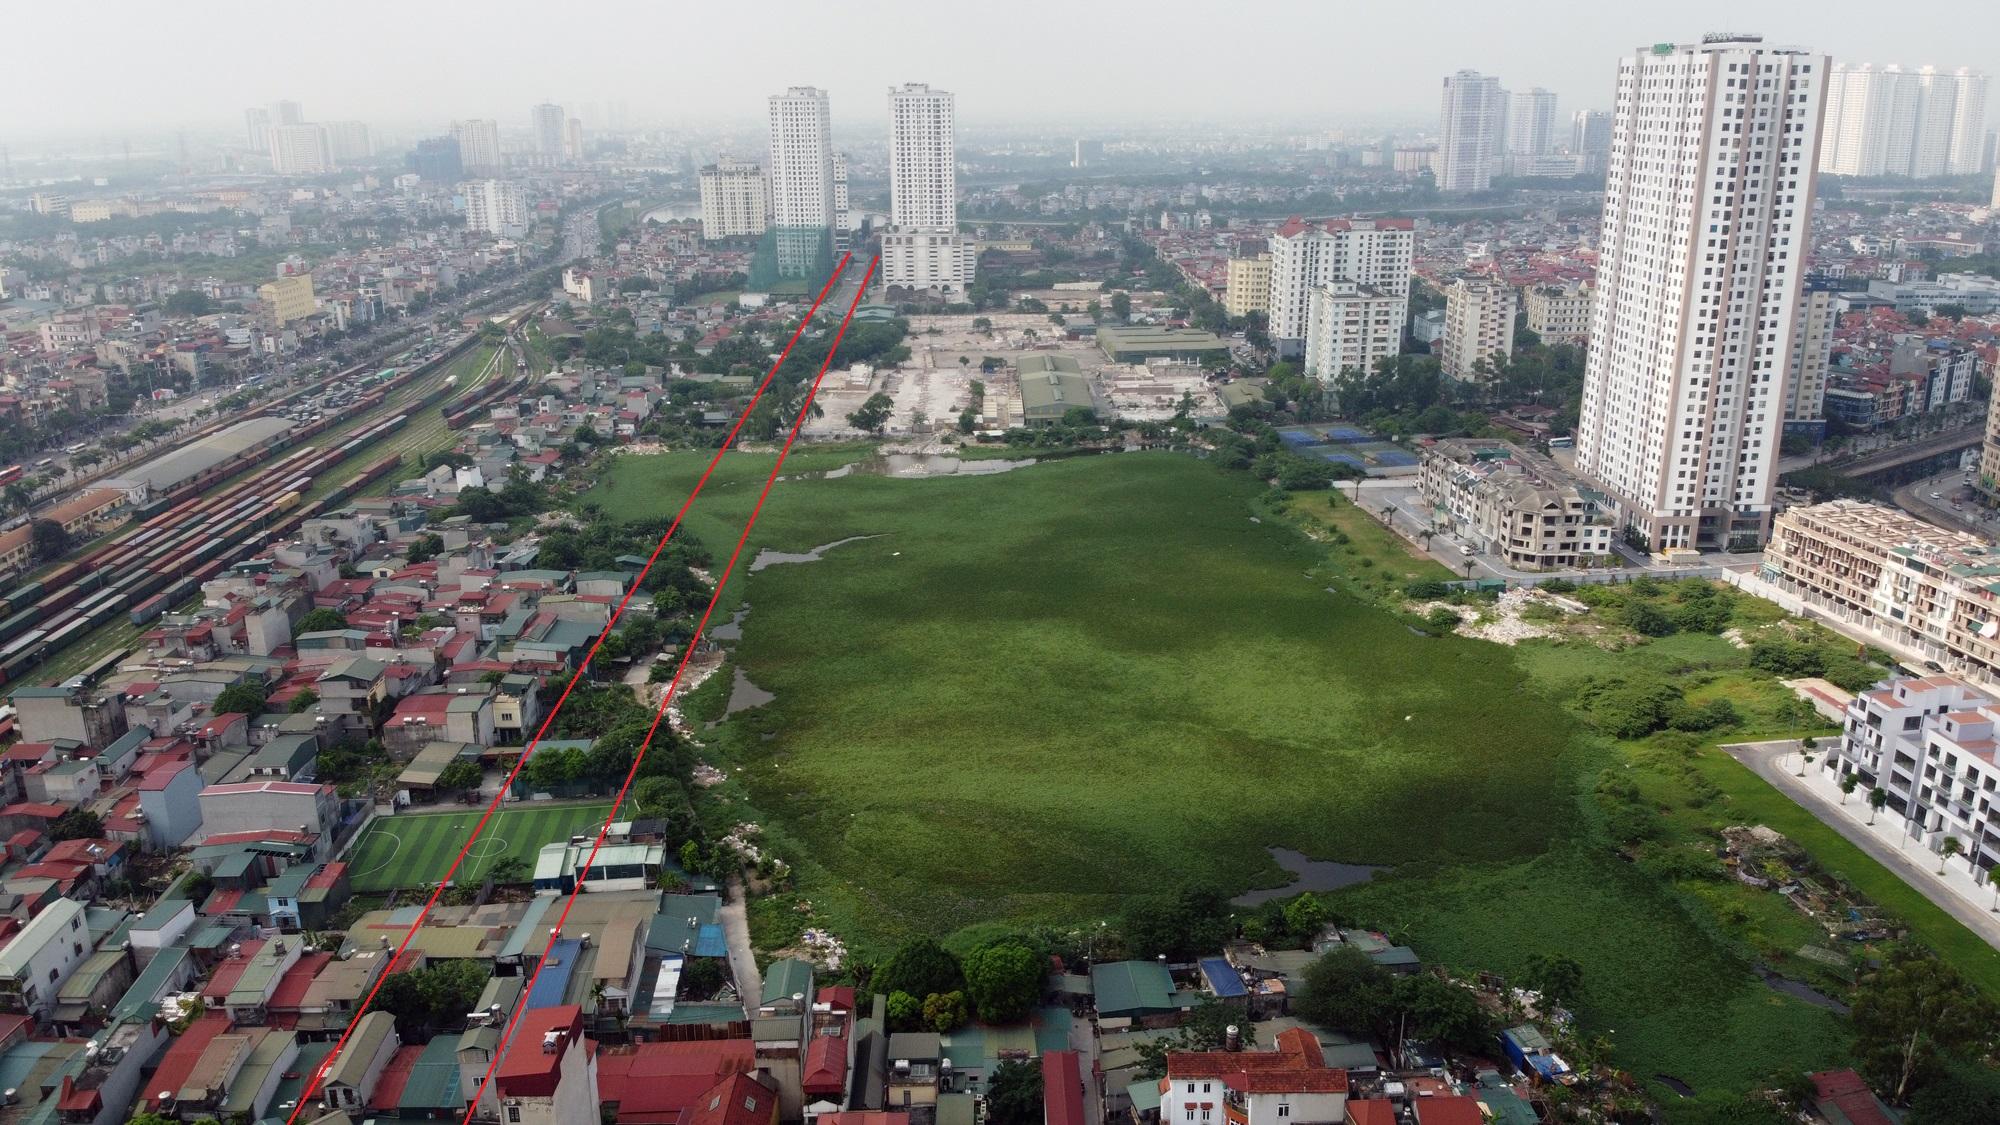 đường sẽ mở theo qui hoạch ở phường Giáp Bát, Hoàng Mai, Hà Nội - Ảnh 5.